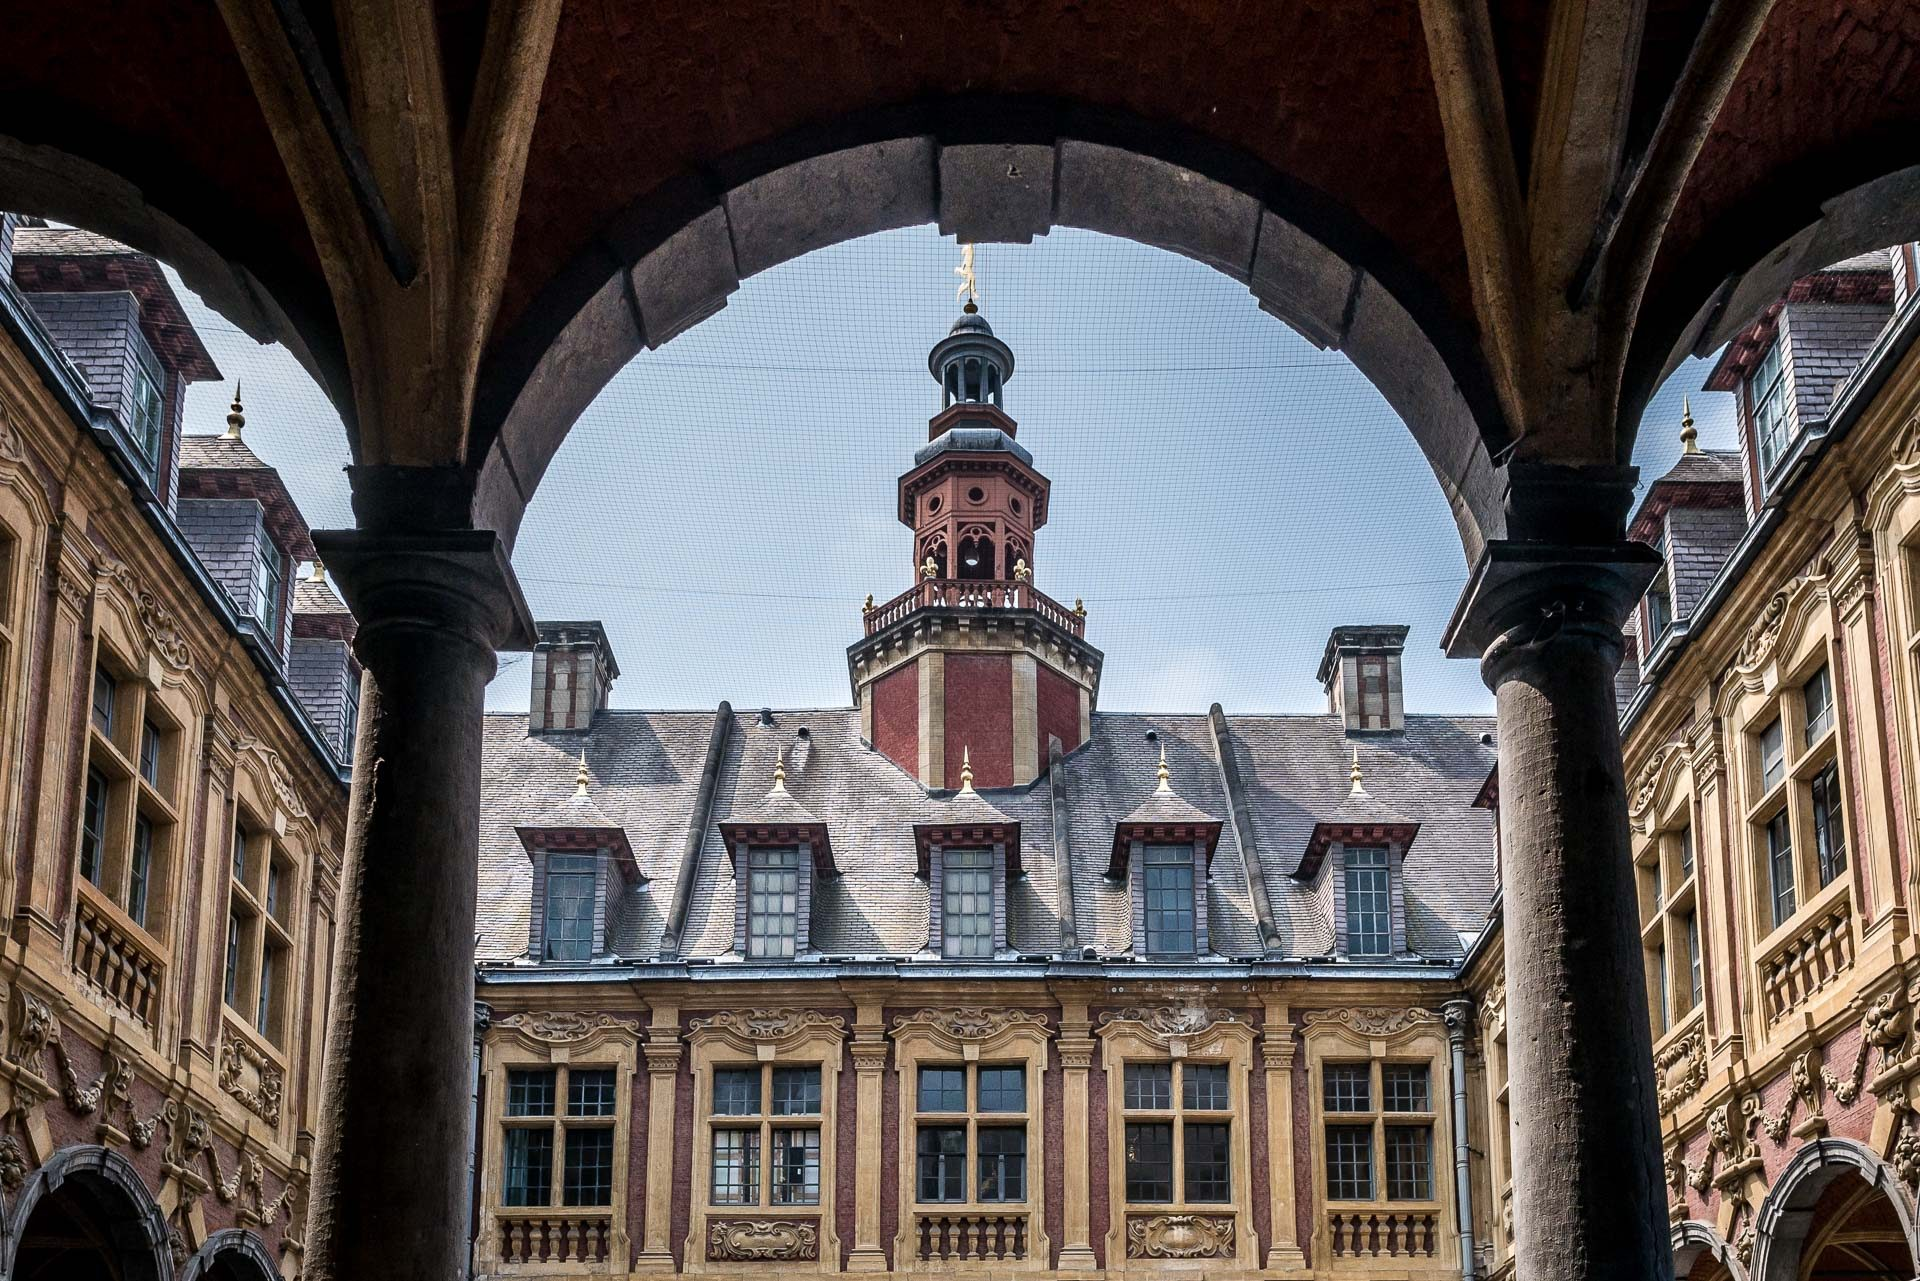 Lille Sehenswürdigkeiten & Reisetipps Alte Börse Innenhof